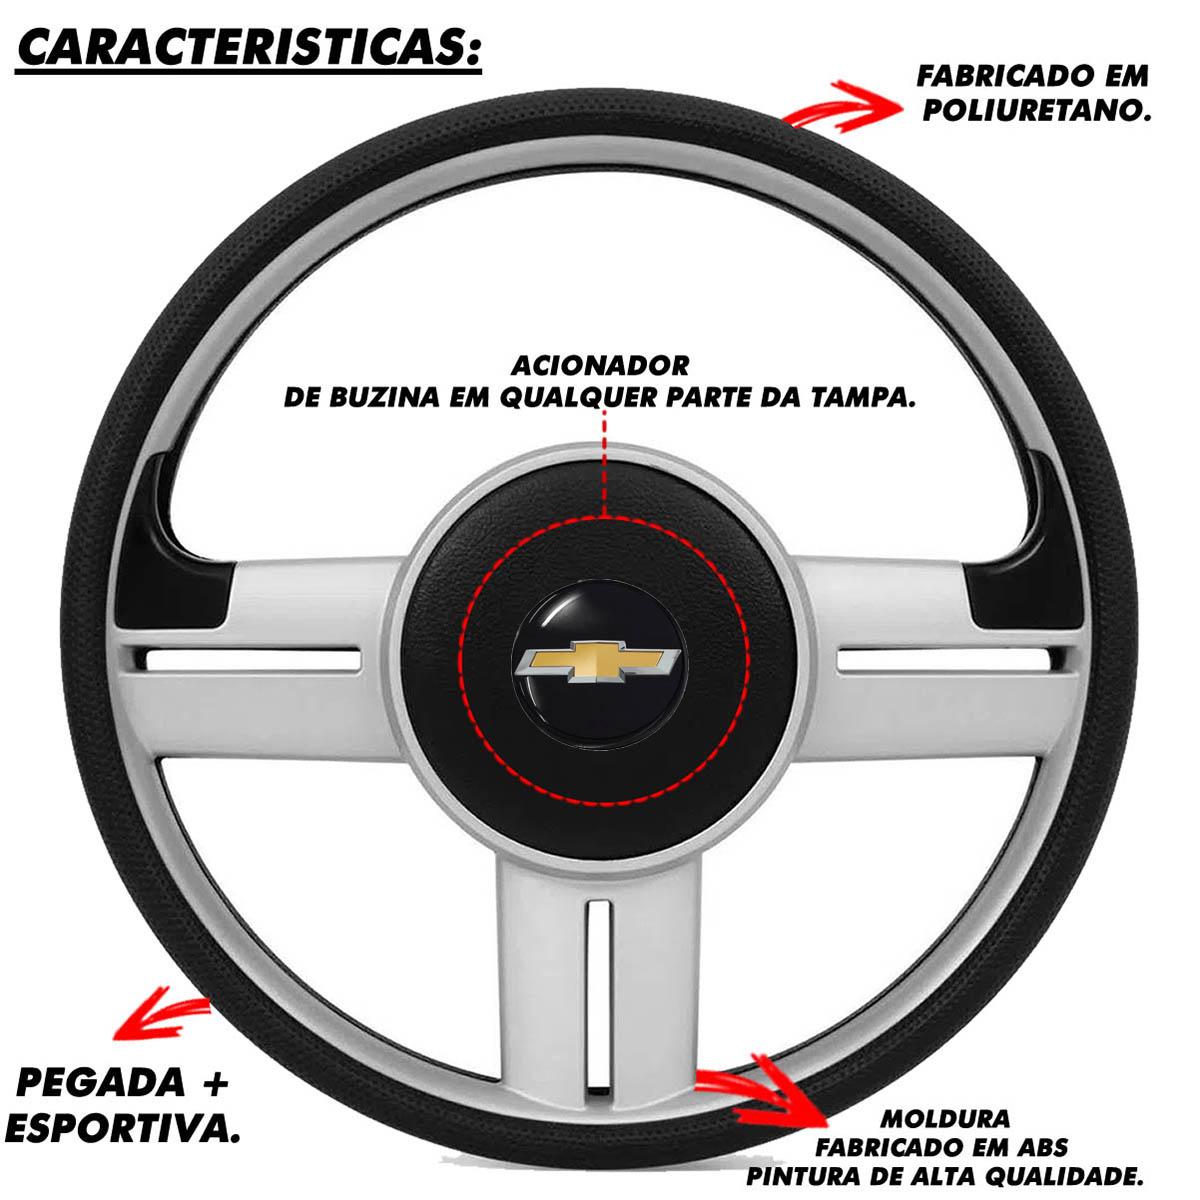 Volante Chevrolet Surf Rallye Esportivo do Vectra Astra 1993 a 2011 Meriva Zafira 2000 a 2013 Poliparts